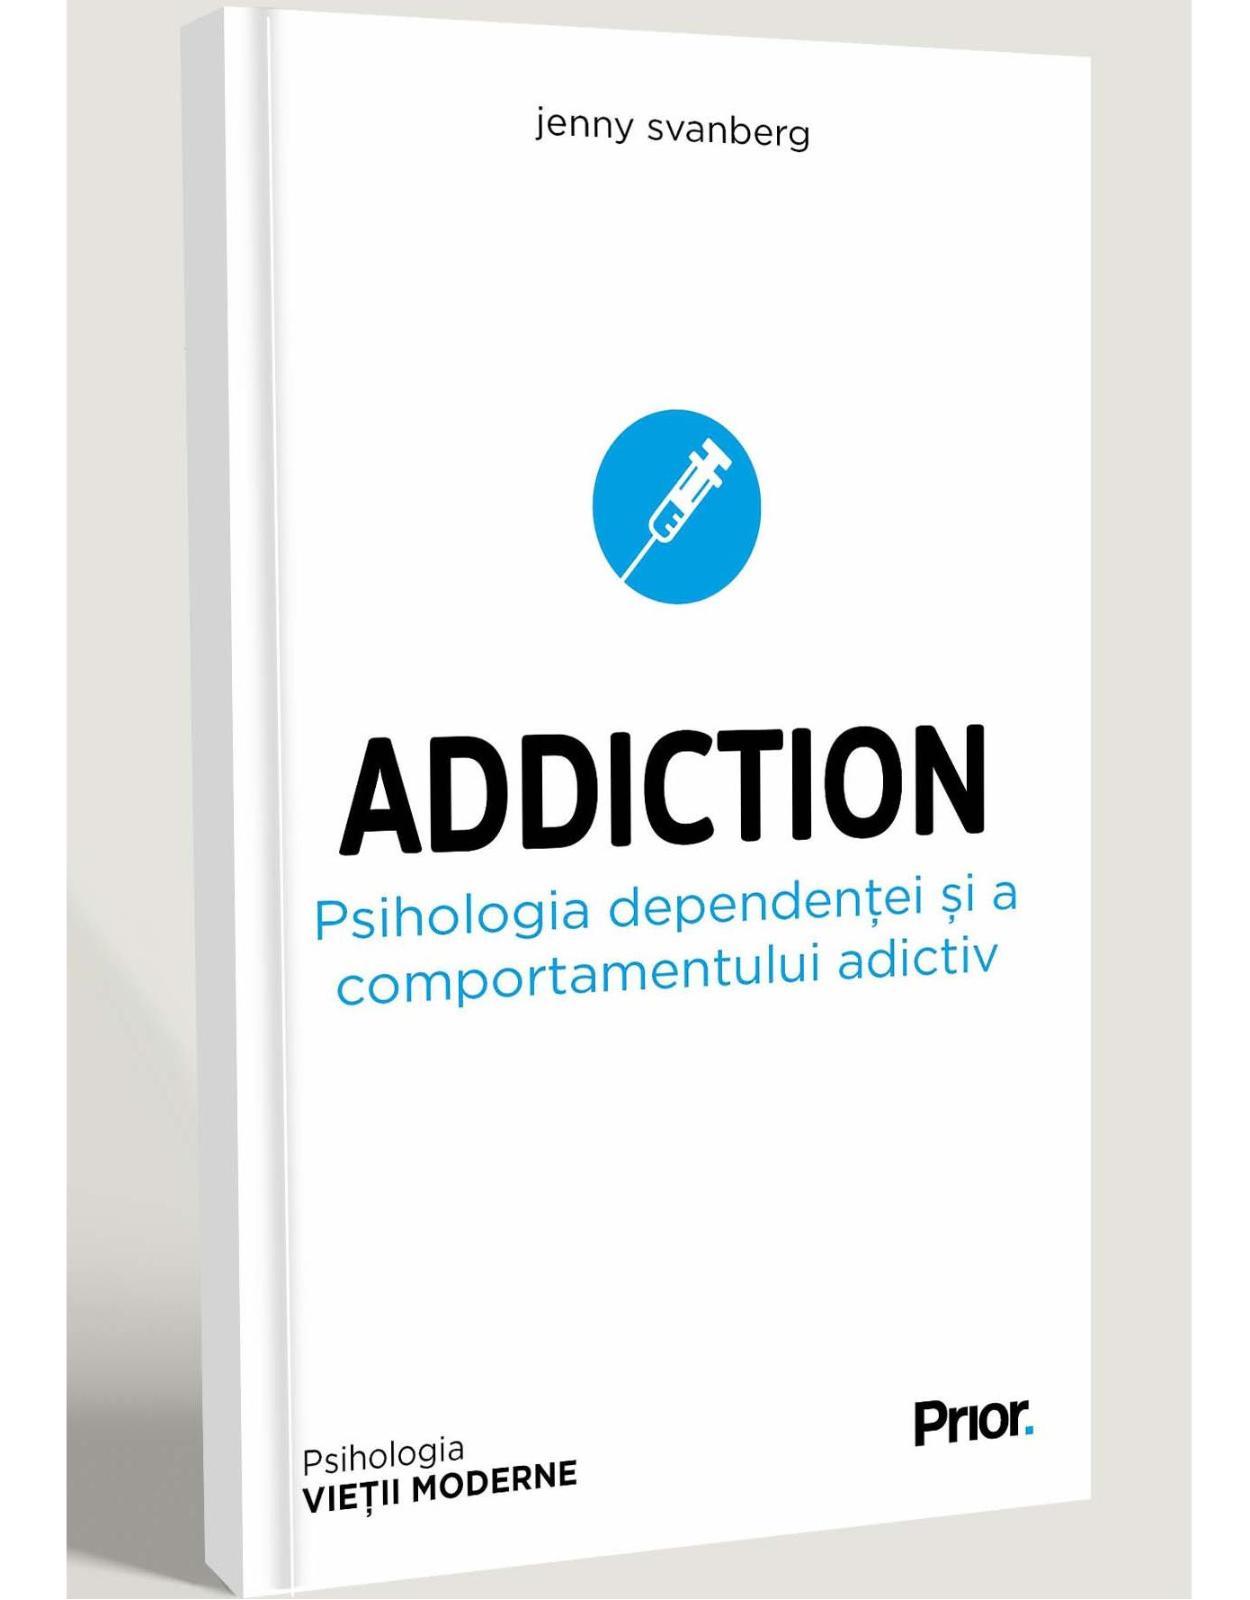 ADDICTION. PSIHOLOGIA DEPENDENȚEI ȘI A COMPORTAMENTULUI ADICTIV